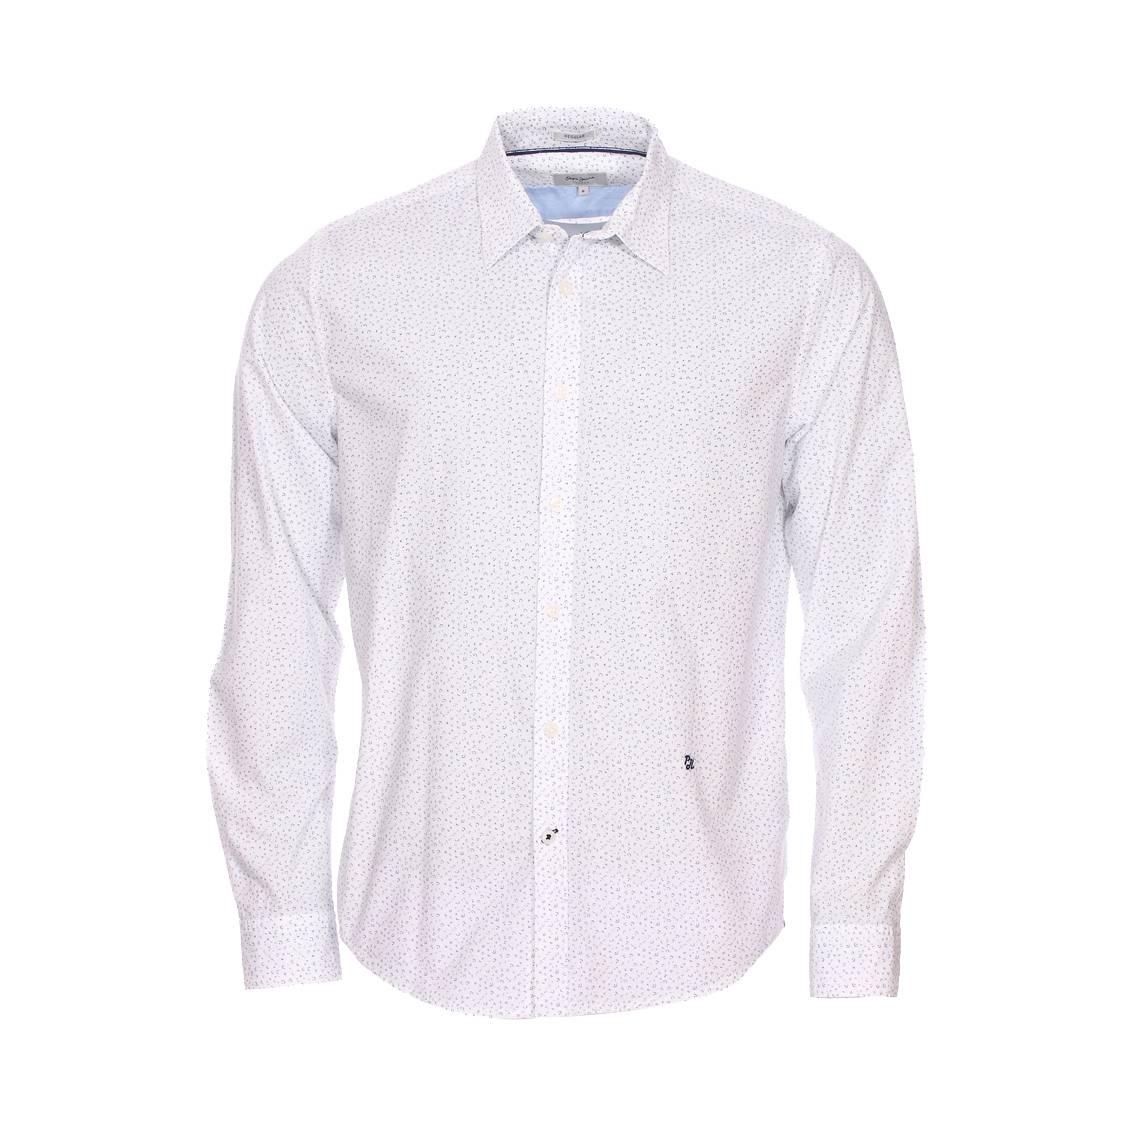 Chemise ajustée  darren en coton blanc à motifs bleus